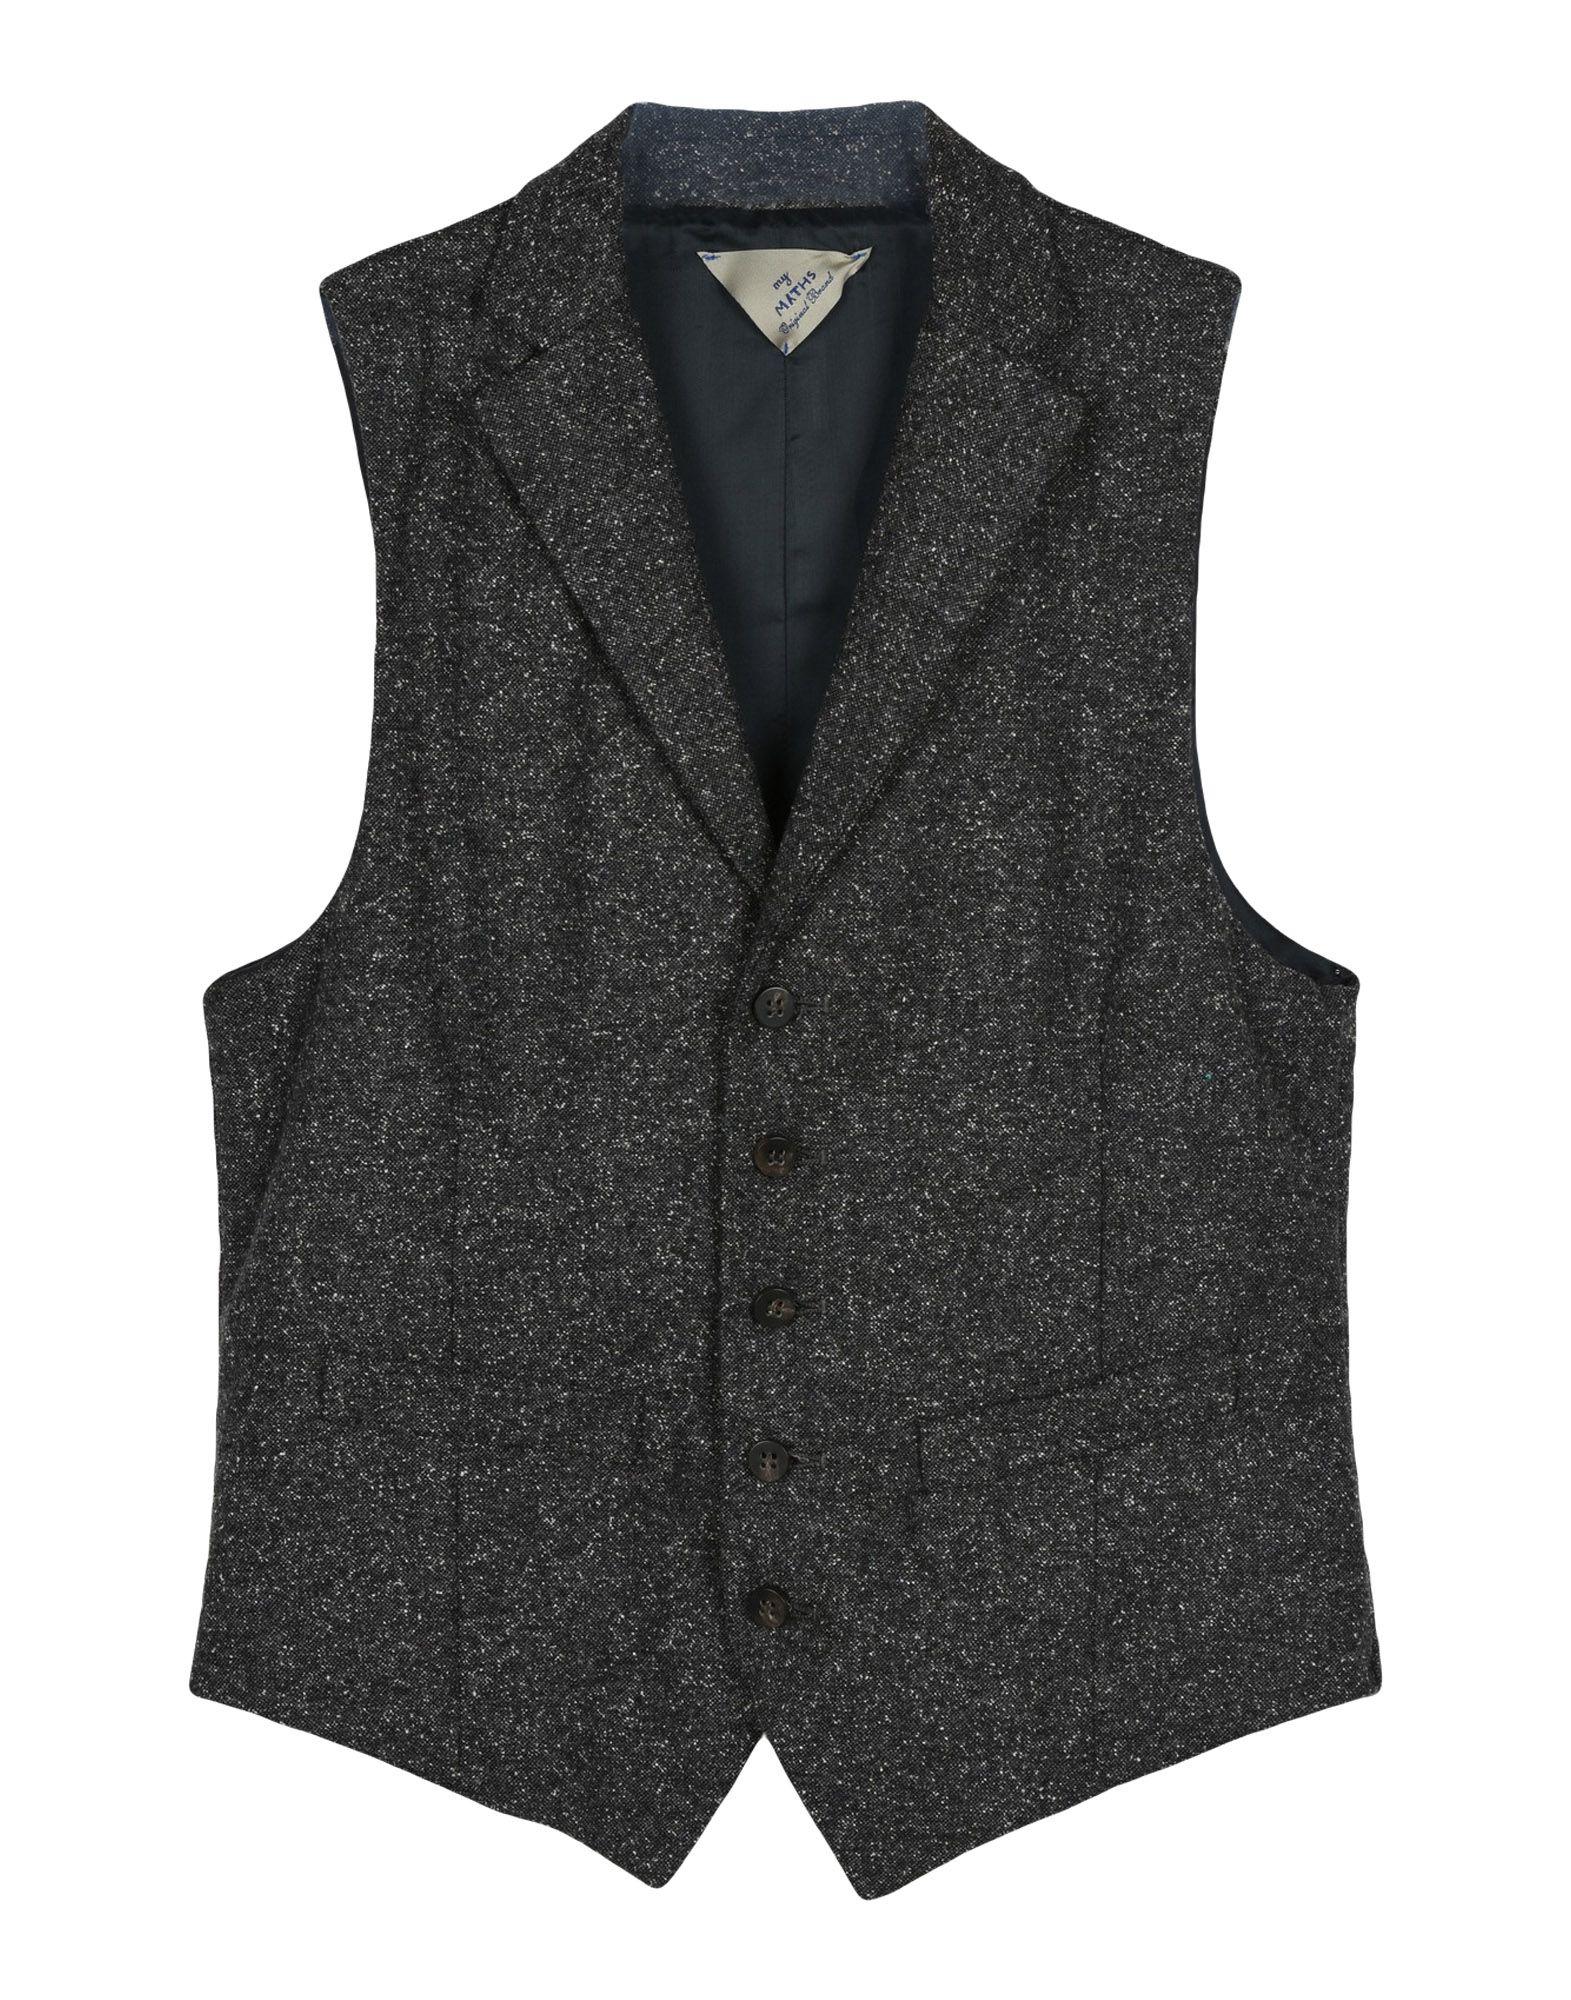 MYTHS Suit Vest in Lead